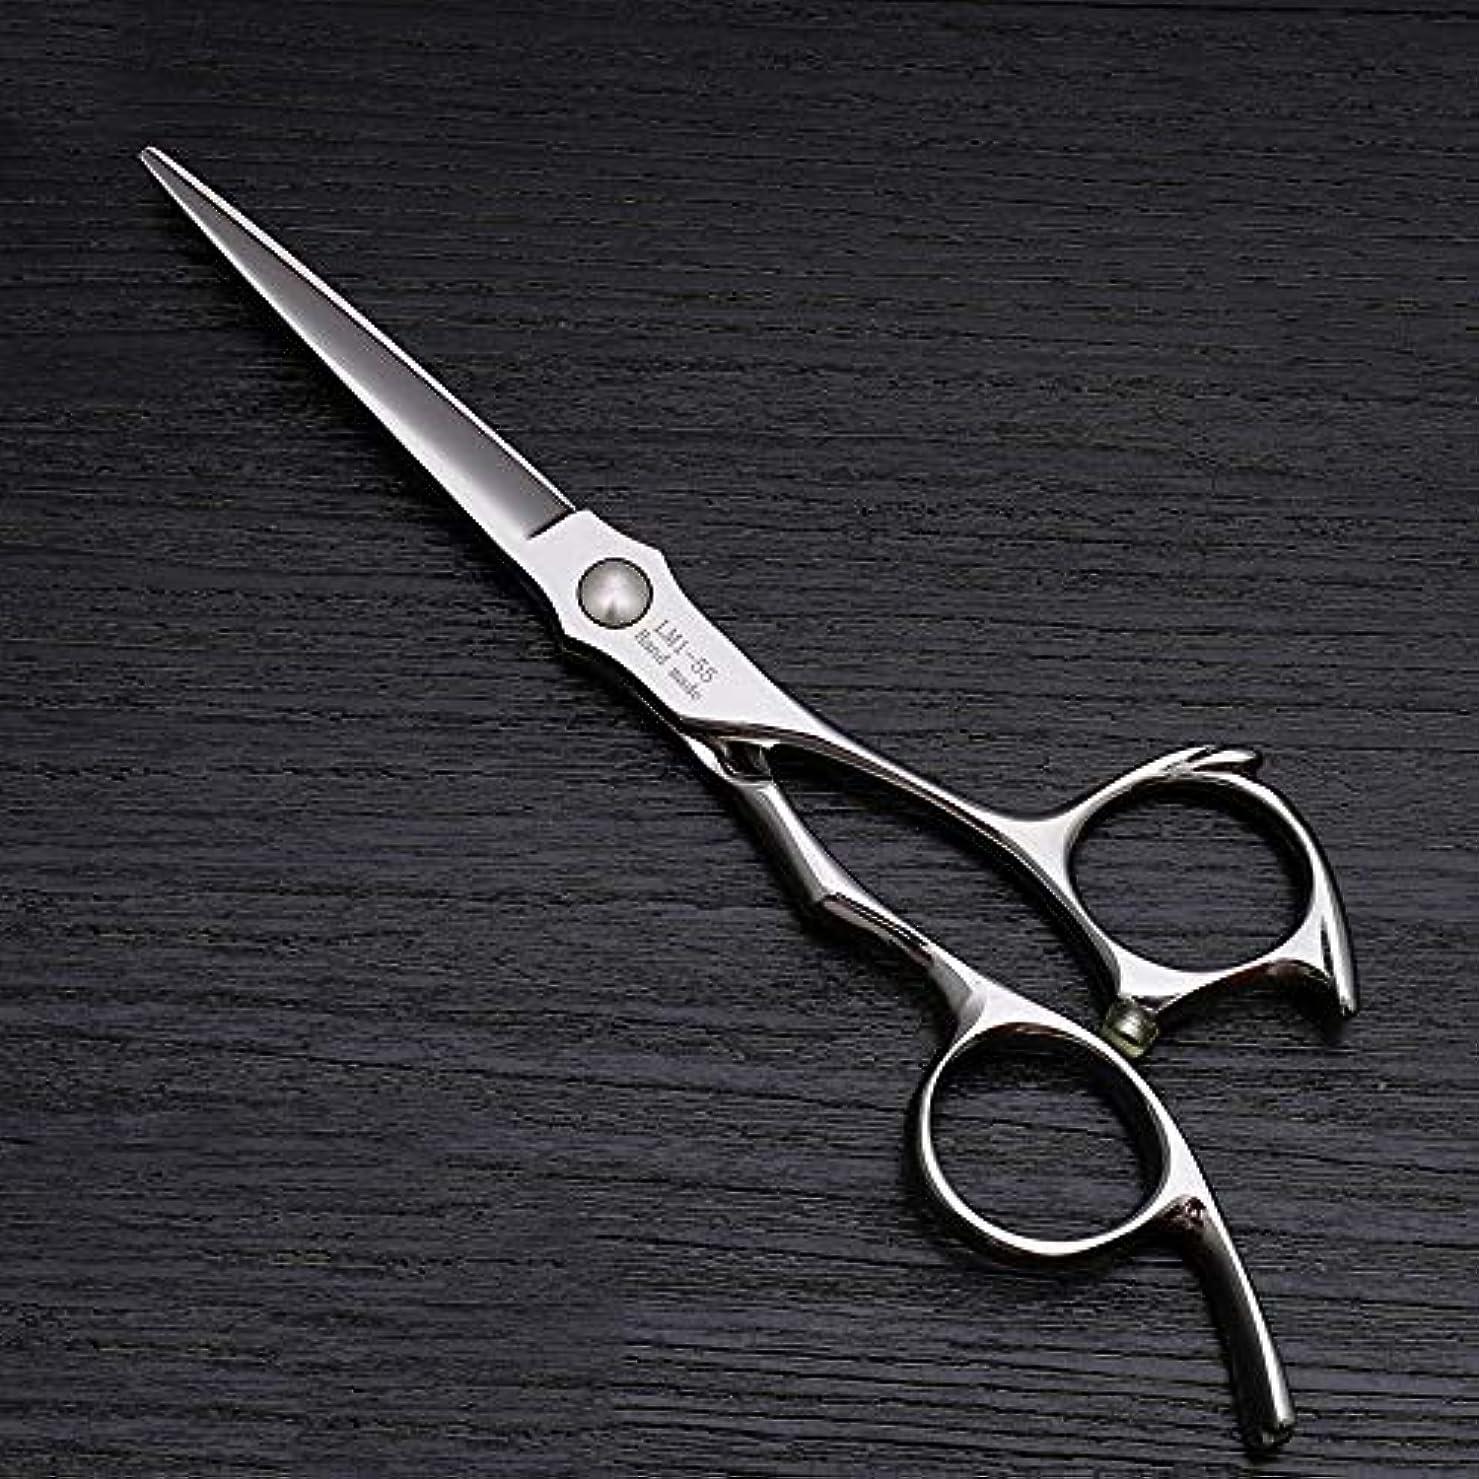 衰える悲惨約束する5.5インチハイエンド散髪フラットはさみ美容院特別散髪仕上げはさみ ヘアケア (色 : Silver)